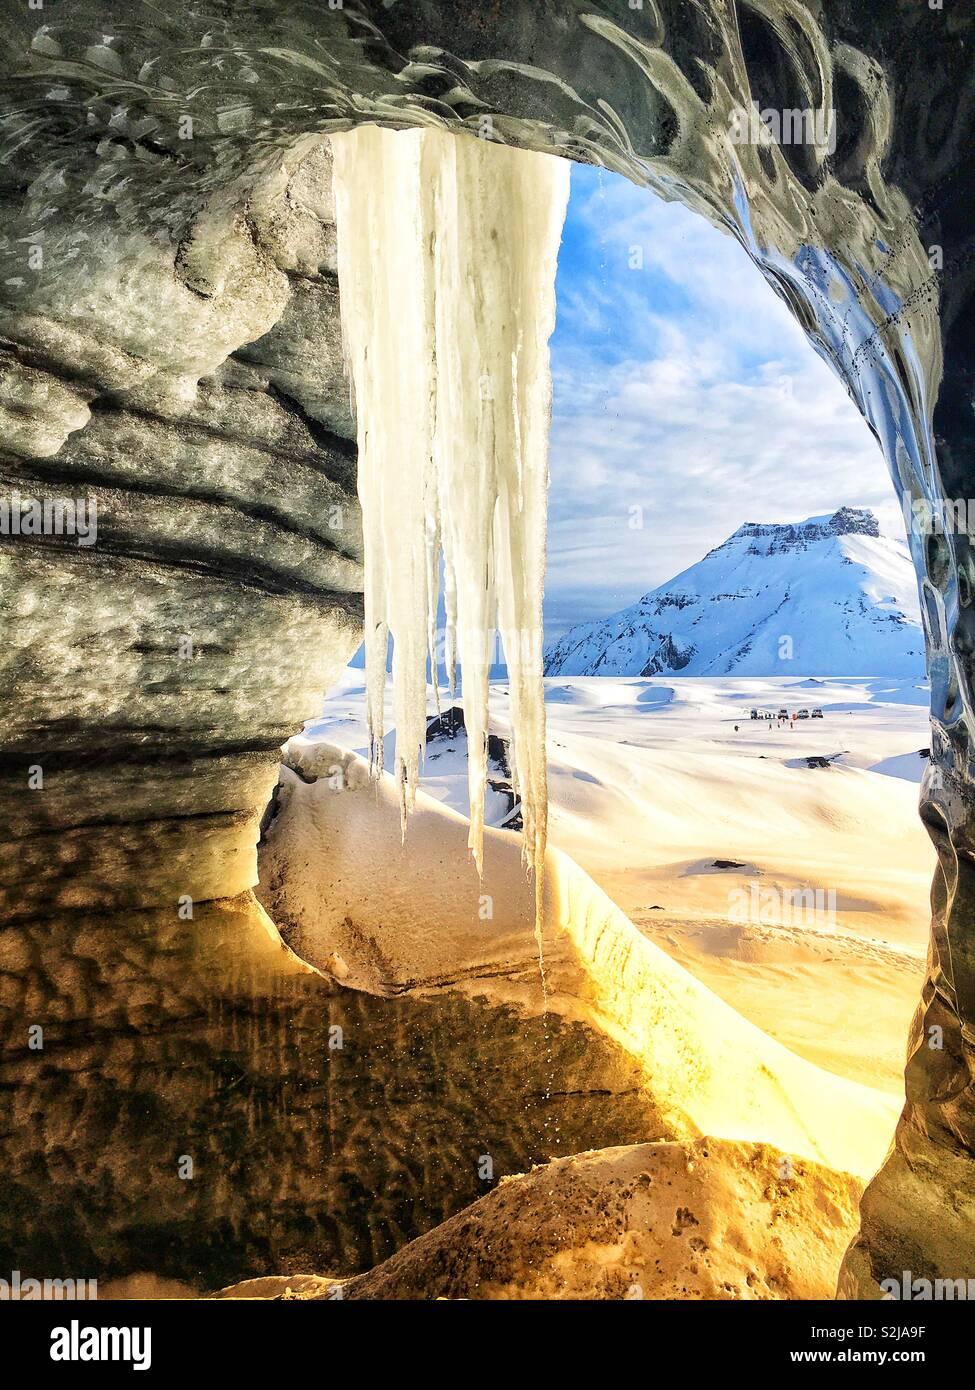 Katla hielo glaciar cueva cerca de Vik, Islandia mostrando un gran carámbano nee la entrada a la cueva mirando hacia las montañas cercanas. Foto de stock